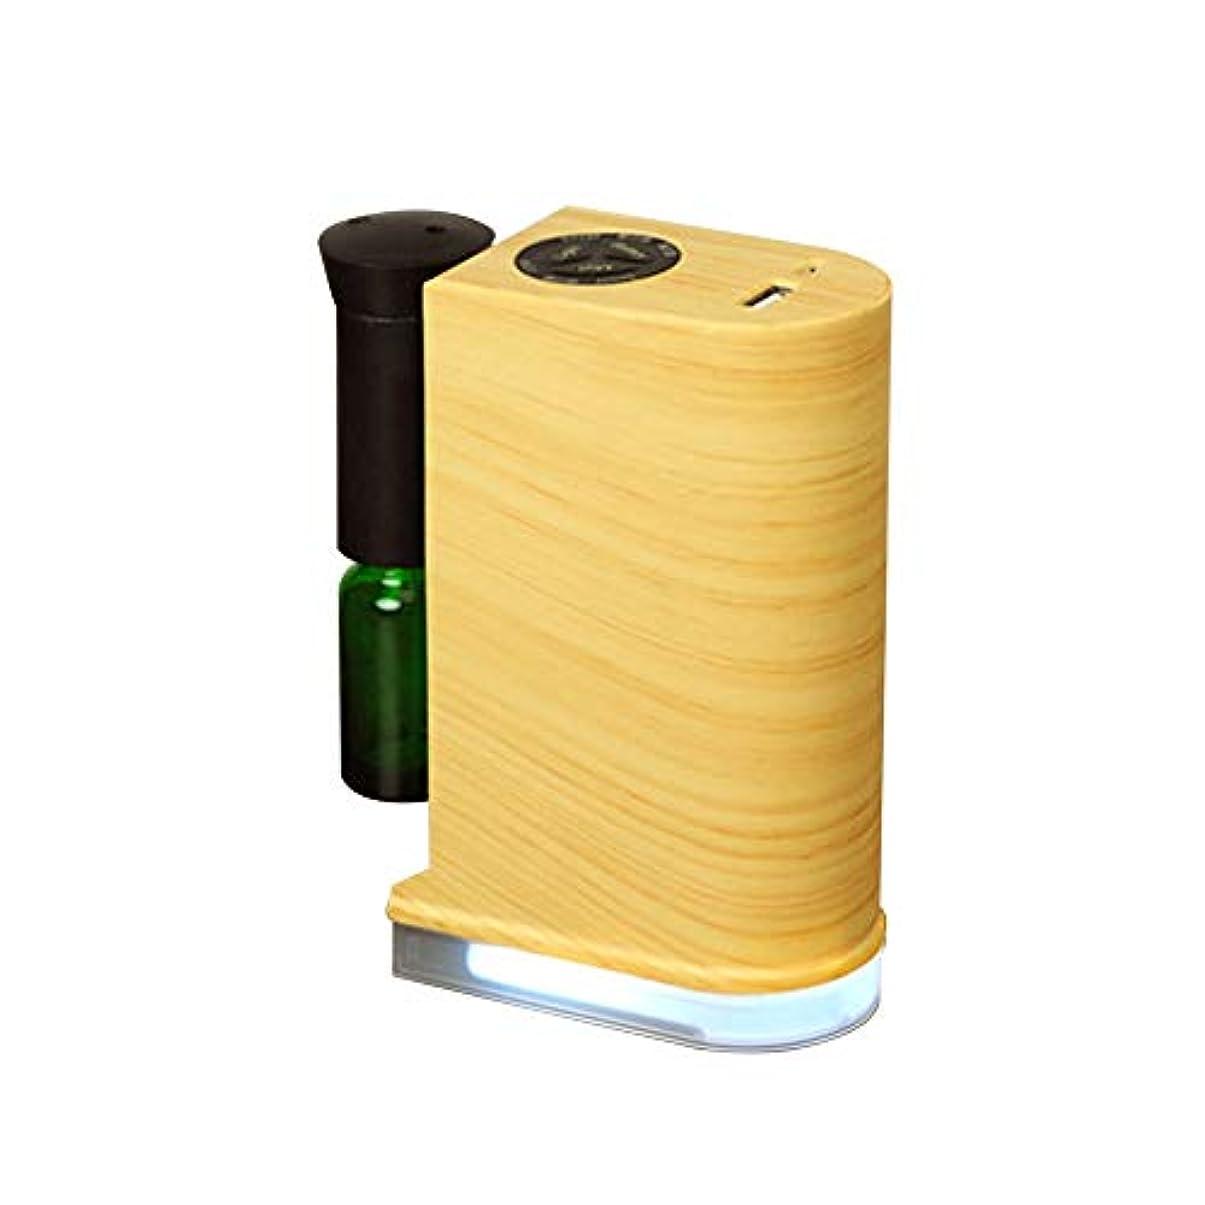 レキシコンリビングルームアンビエントネブライザー式アロマディフューザー 水を使わない アロマオイル対応 LEDライト付き スマホ充電可能 USBポート付き 木目調 (ナチュラル)